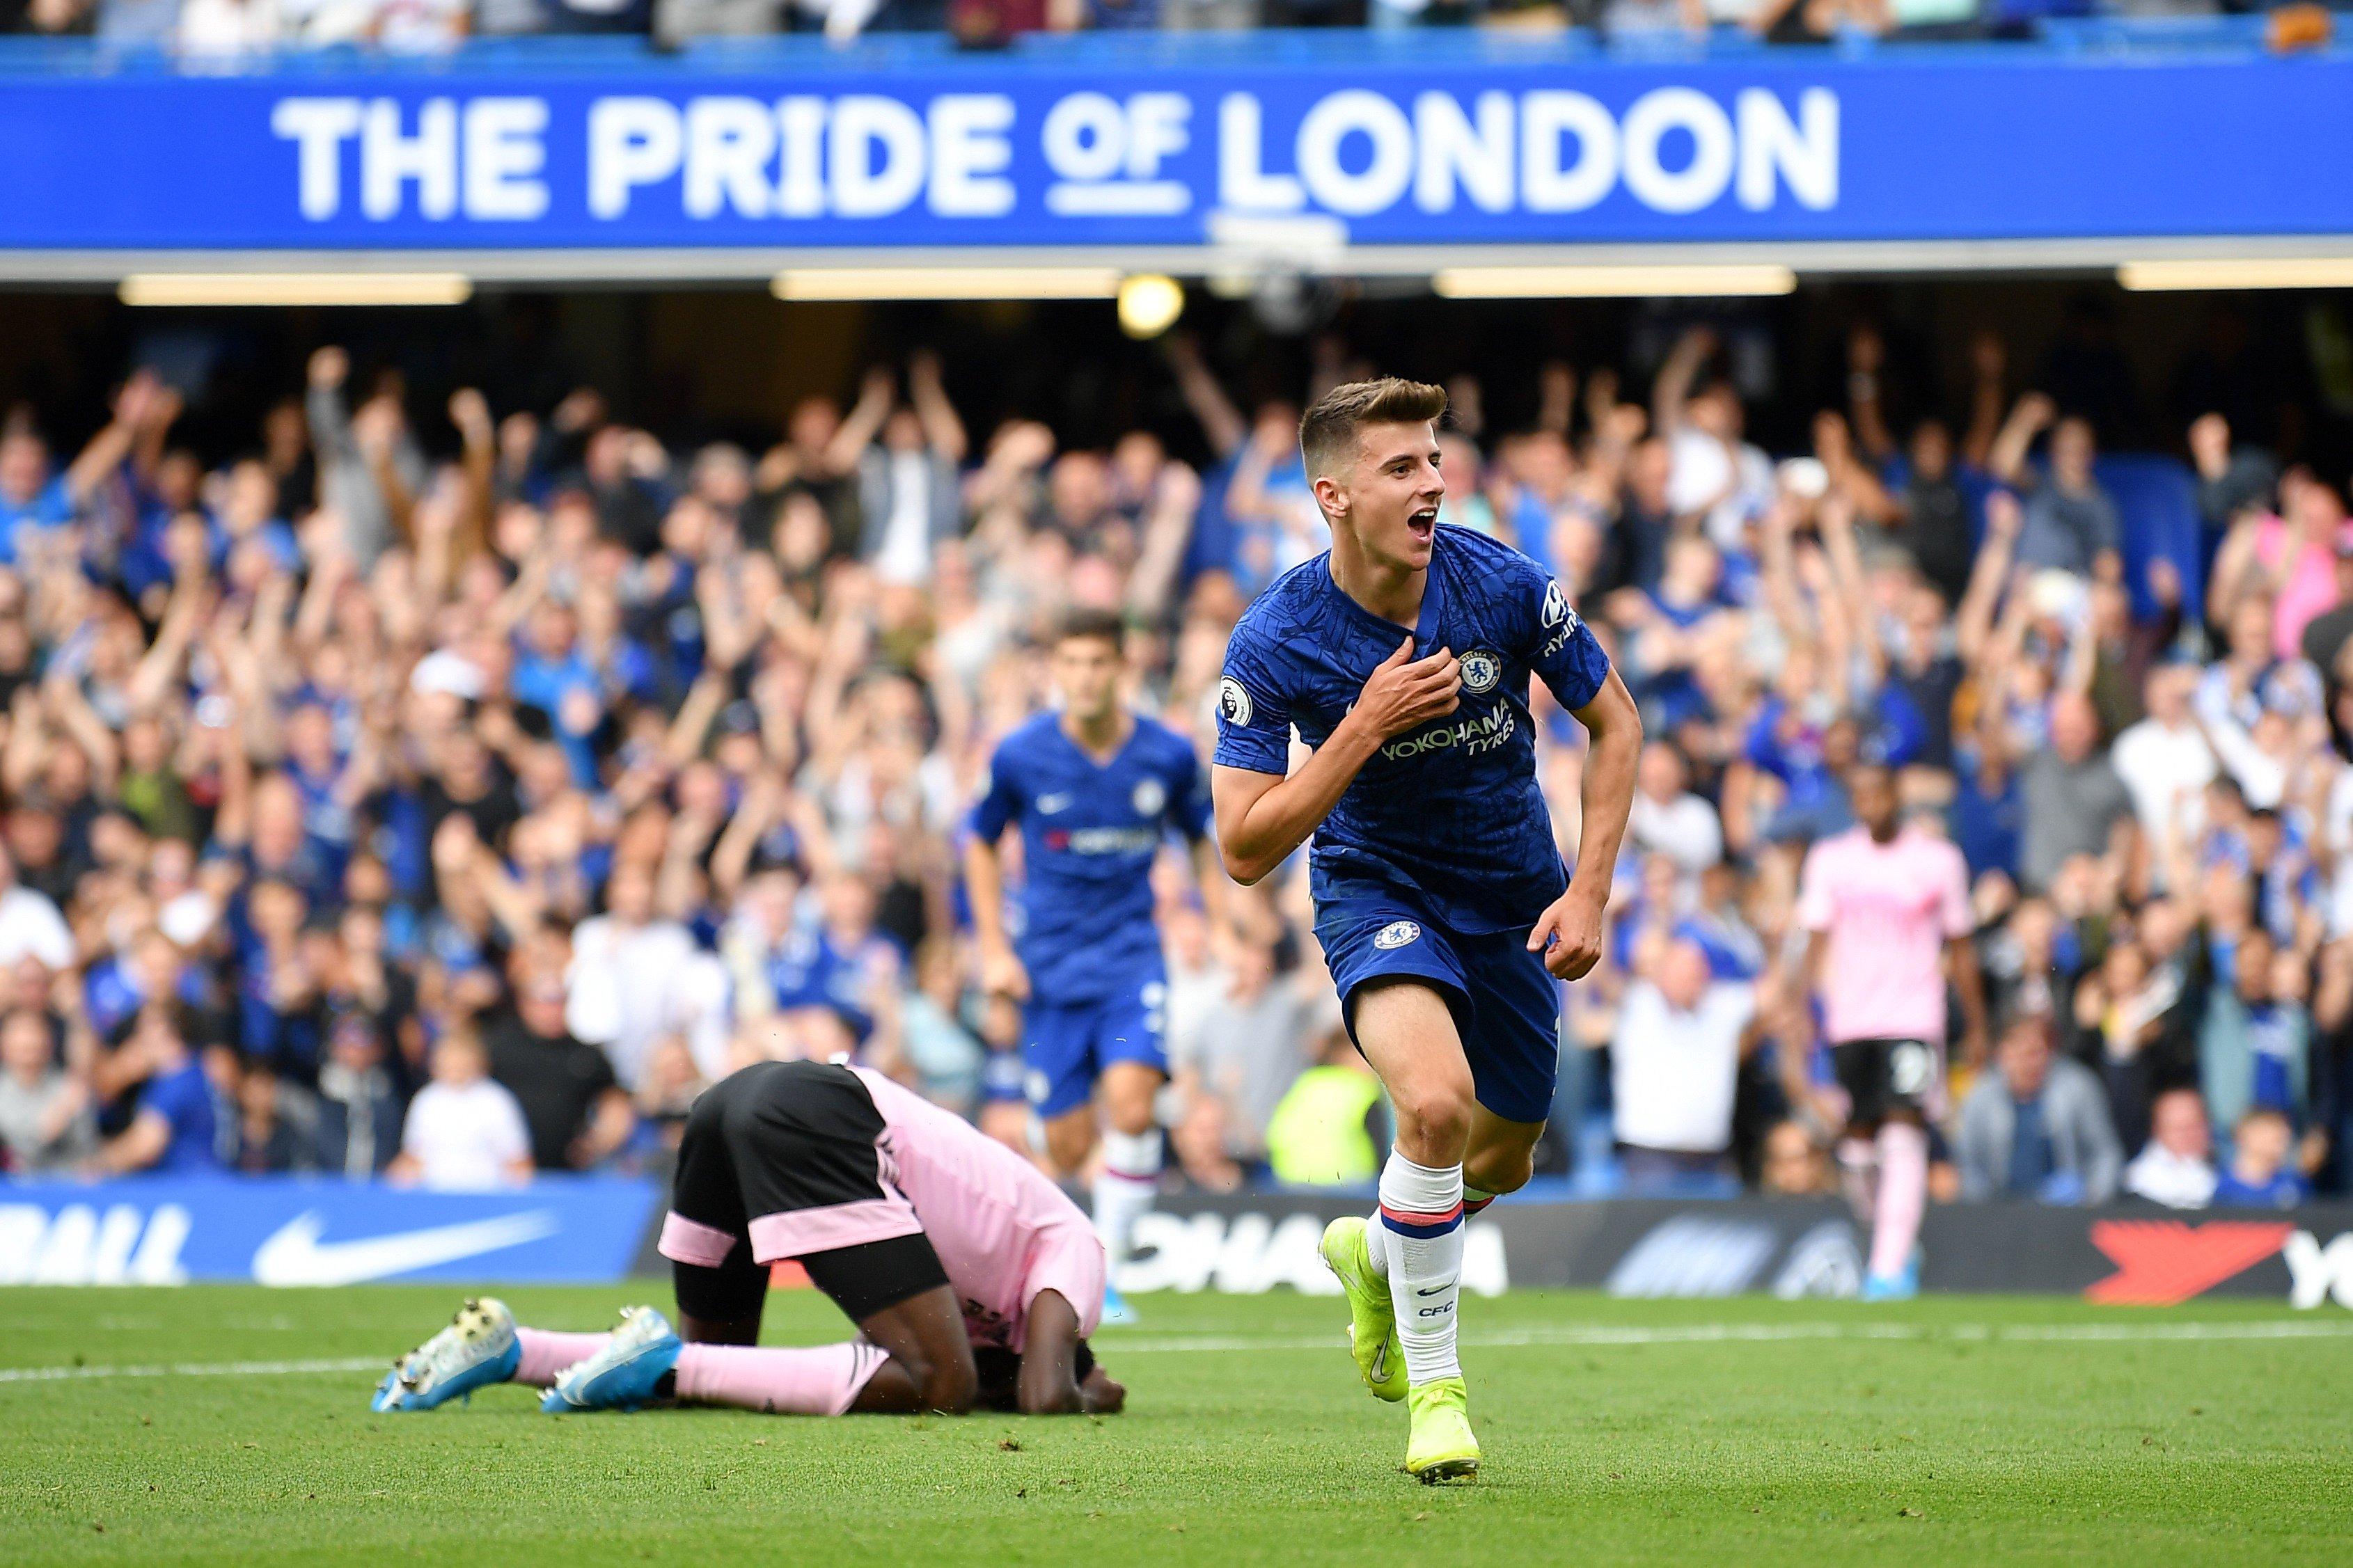 TRỰC TIẾP Chelsea 1-0 Leicester City: Sao trẻ mở tỷ số cho The Blues (H1) - Bóng Đá